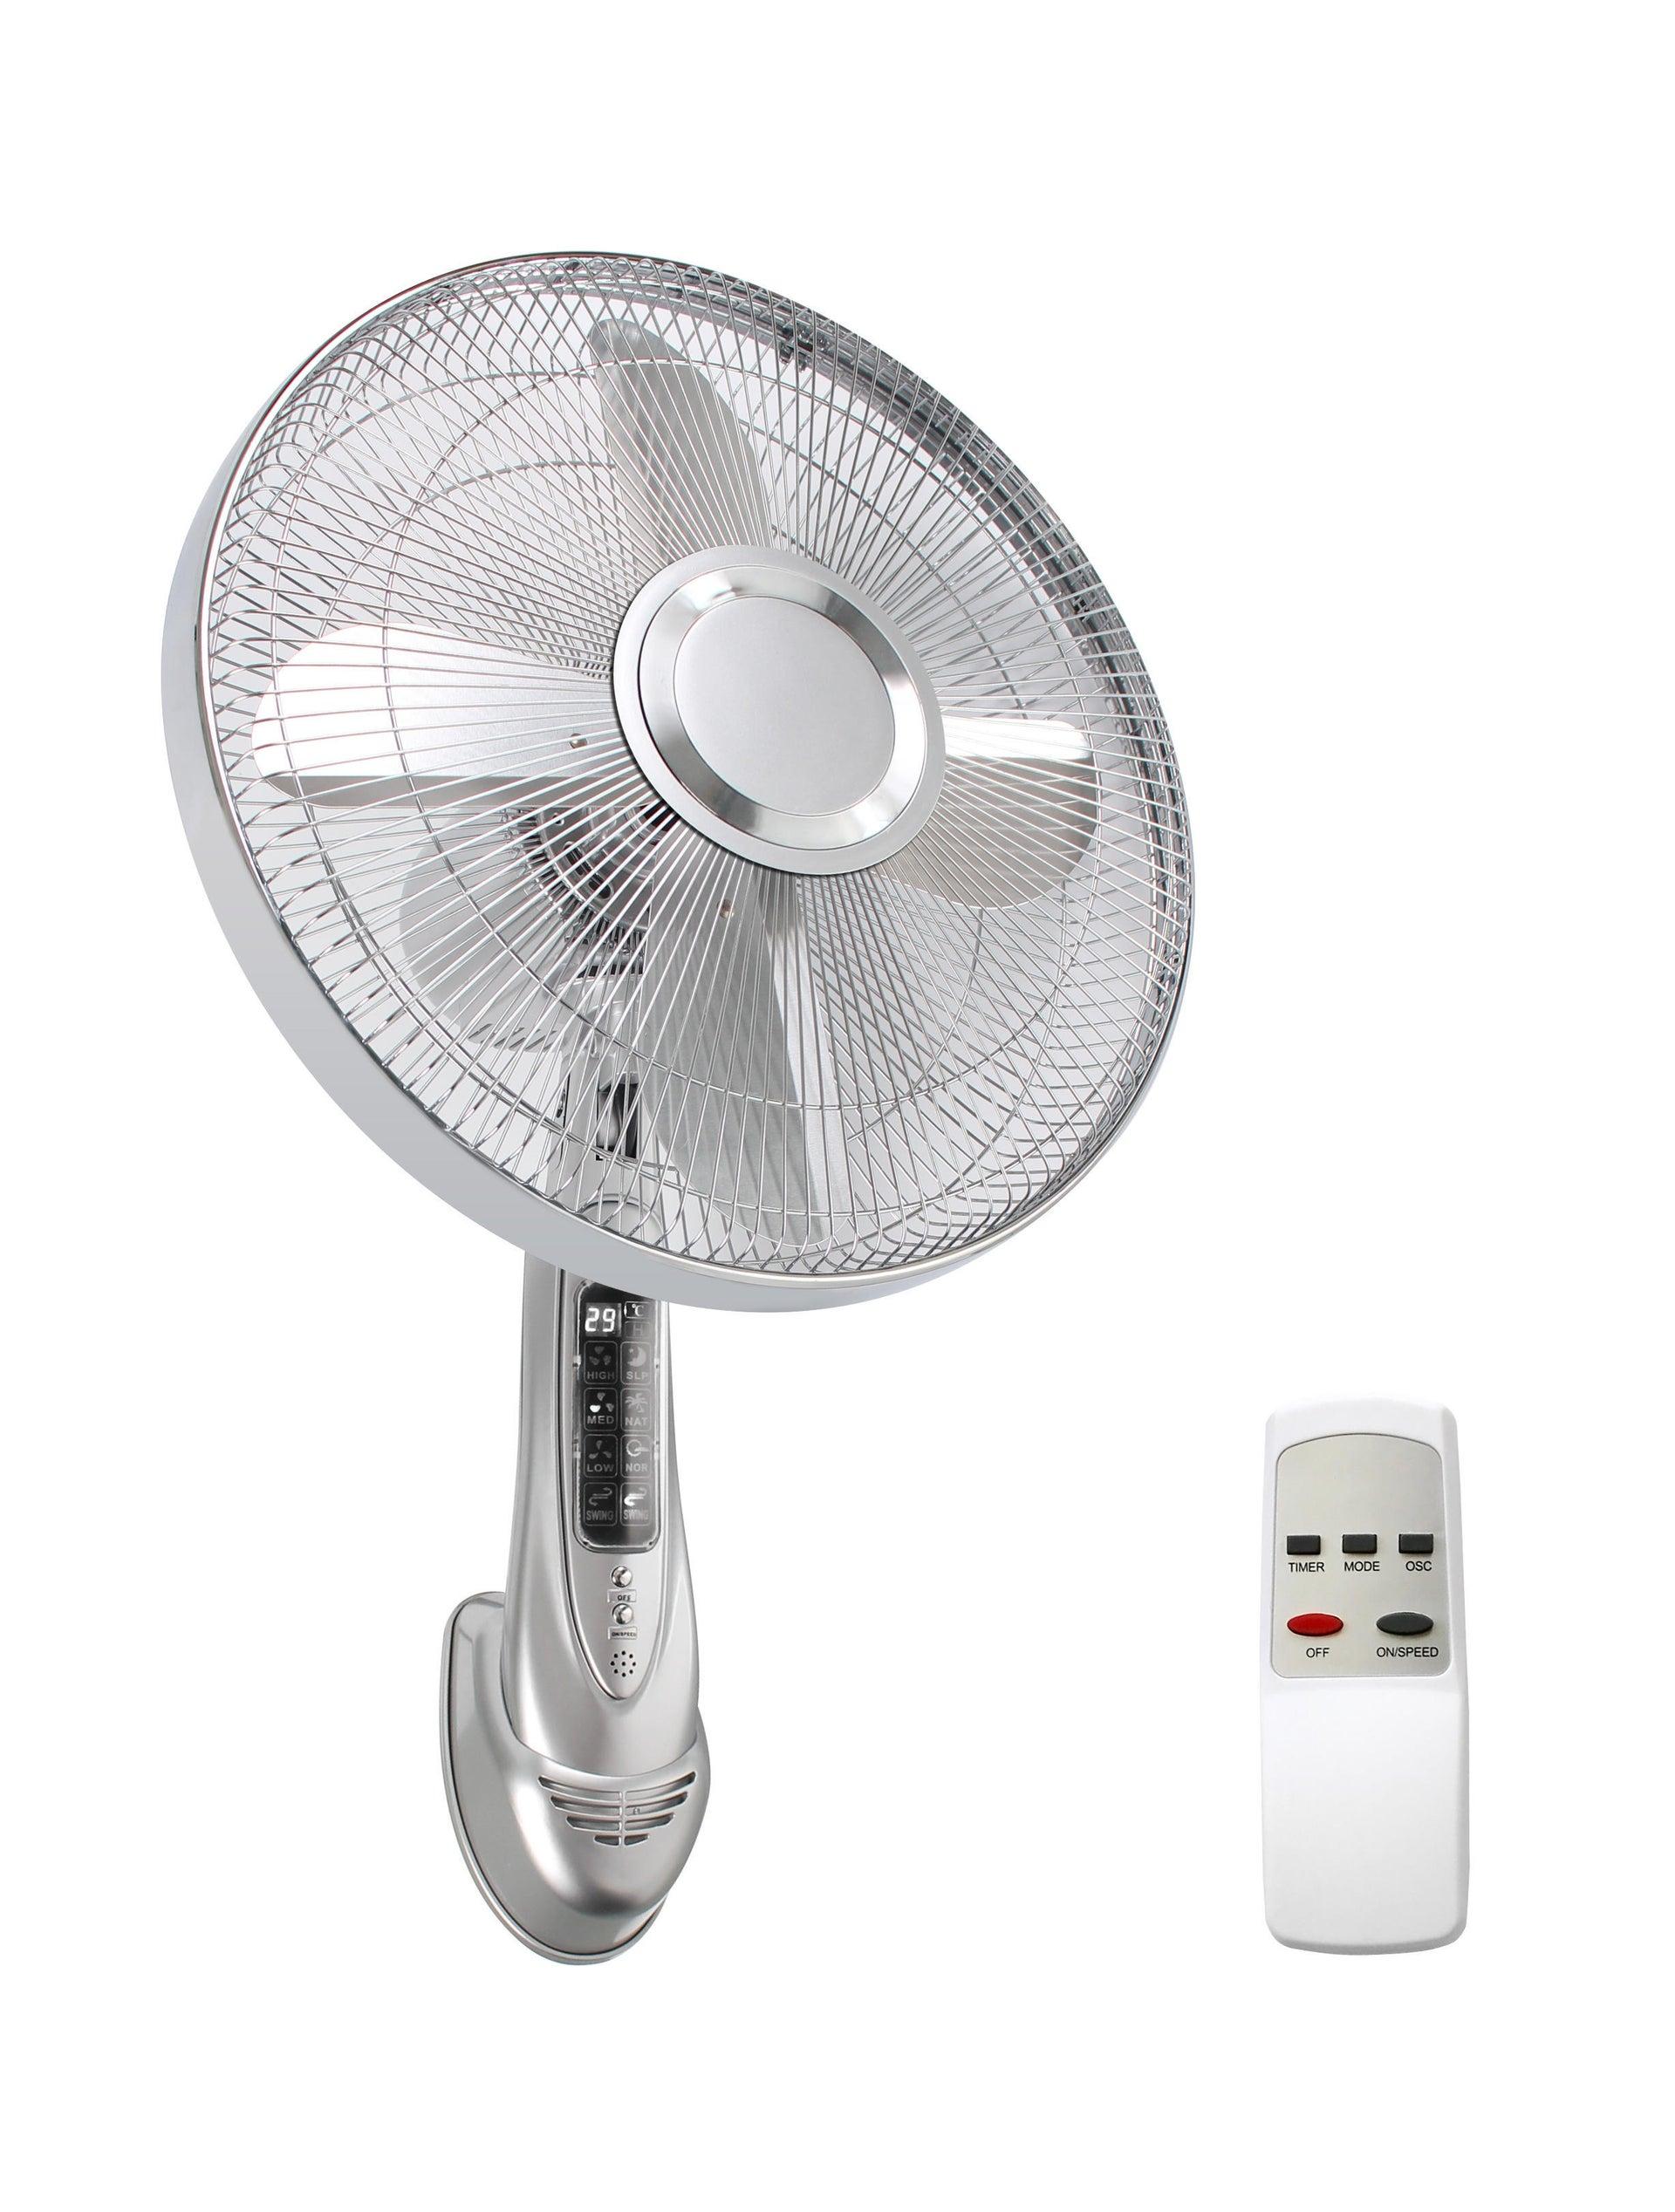 Ventilatore a parete EQUATION TX-1610R1 silver argento 55 W Ø 40 cm - 3